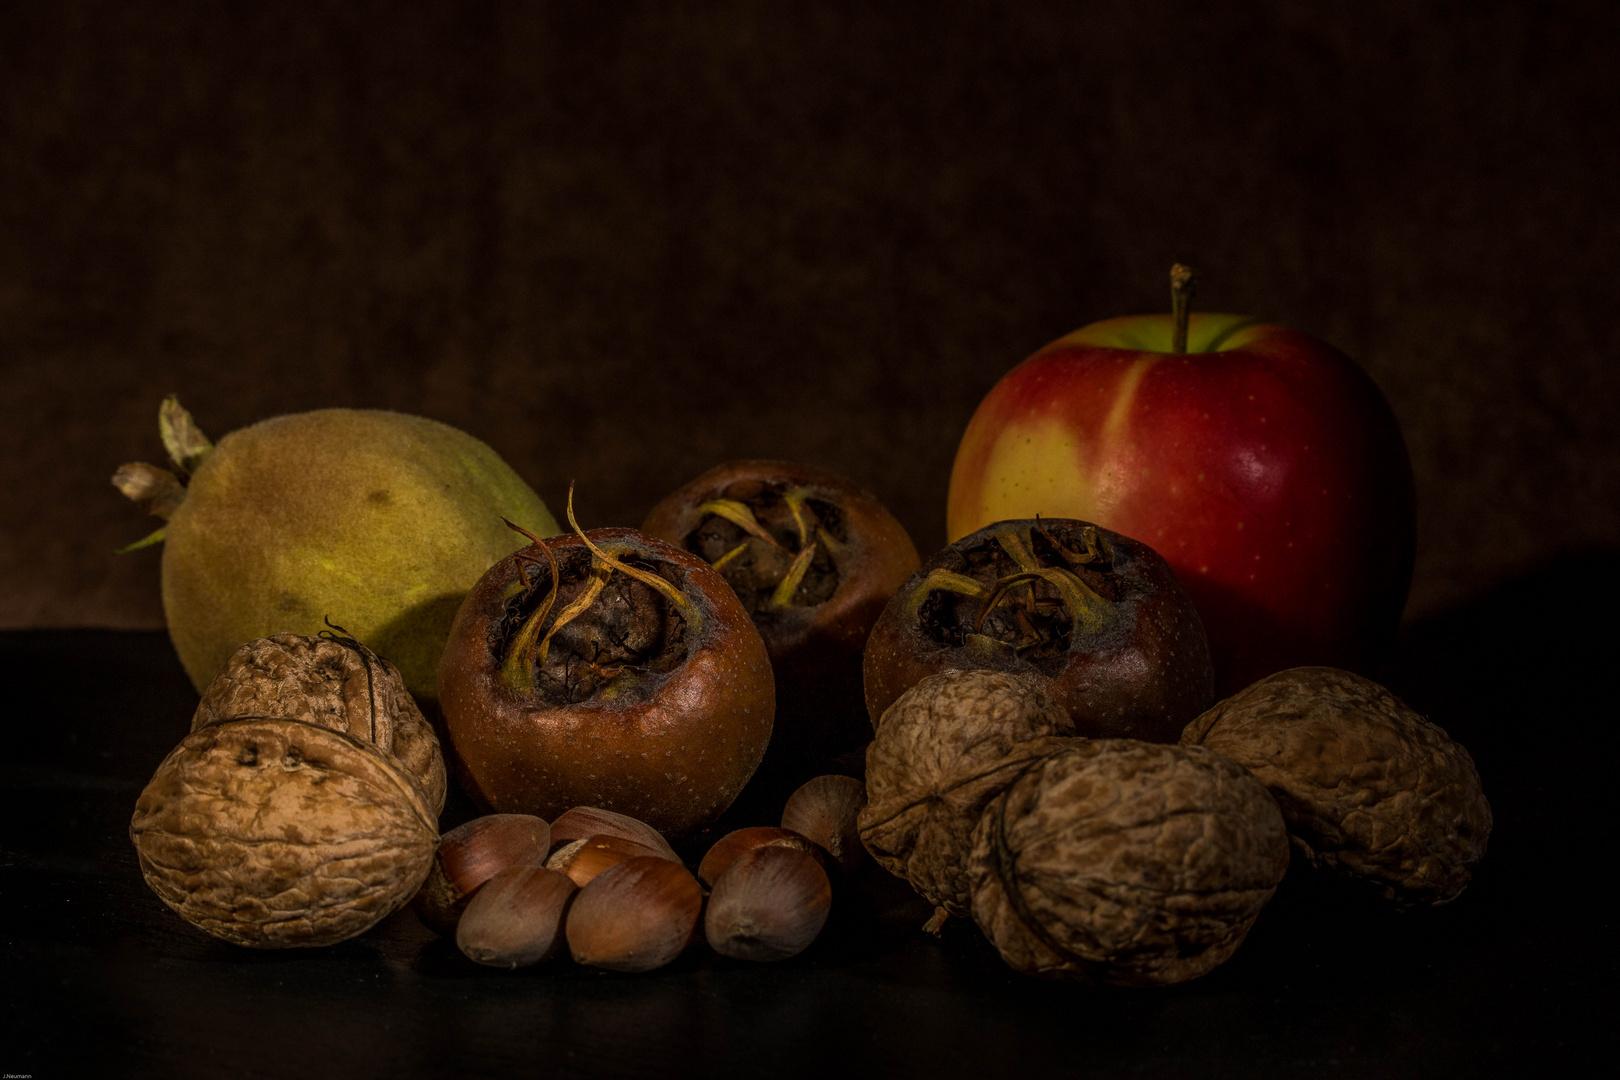 Quitte,Apfel,Mispel,Wall- und Haselnuss